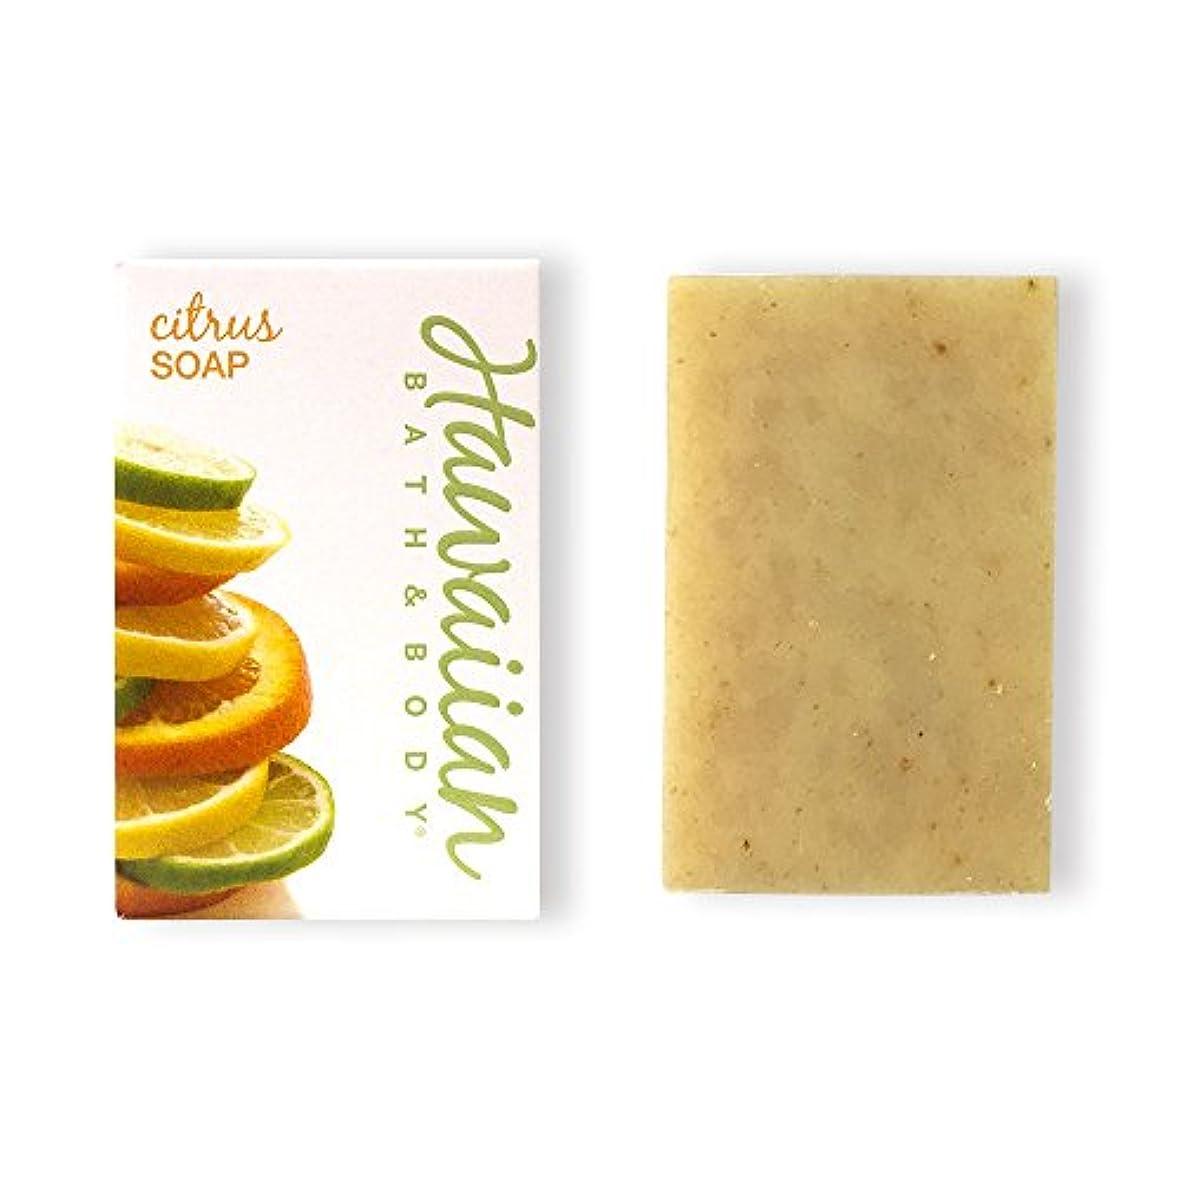 評価する子犬より多いハワイアンバス&ボディ ハワイアン?シトラスソープ( Citrus Soap )